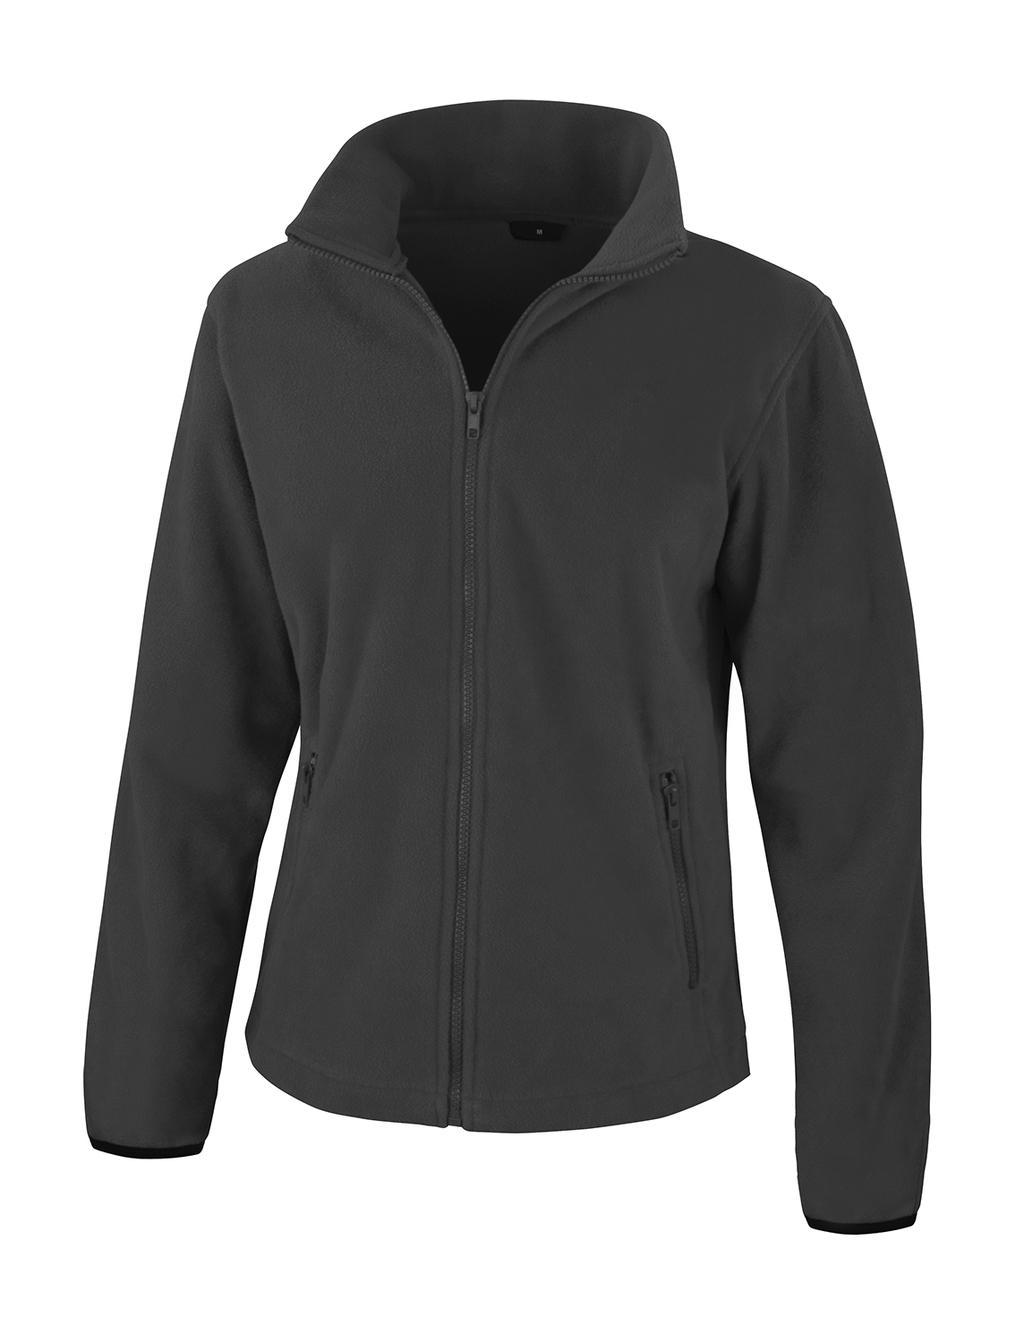 Dámská fleece bunda Fashion Fit Outdoor - zvìtšit obrázek